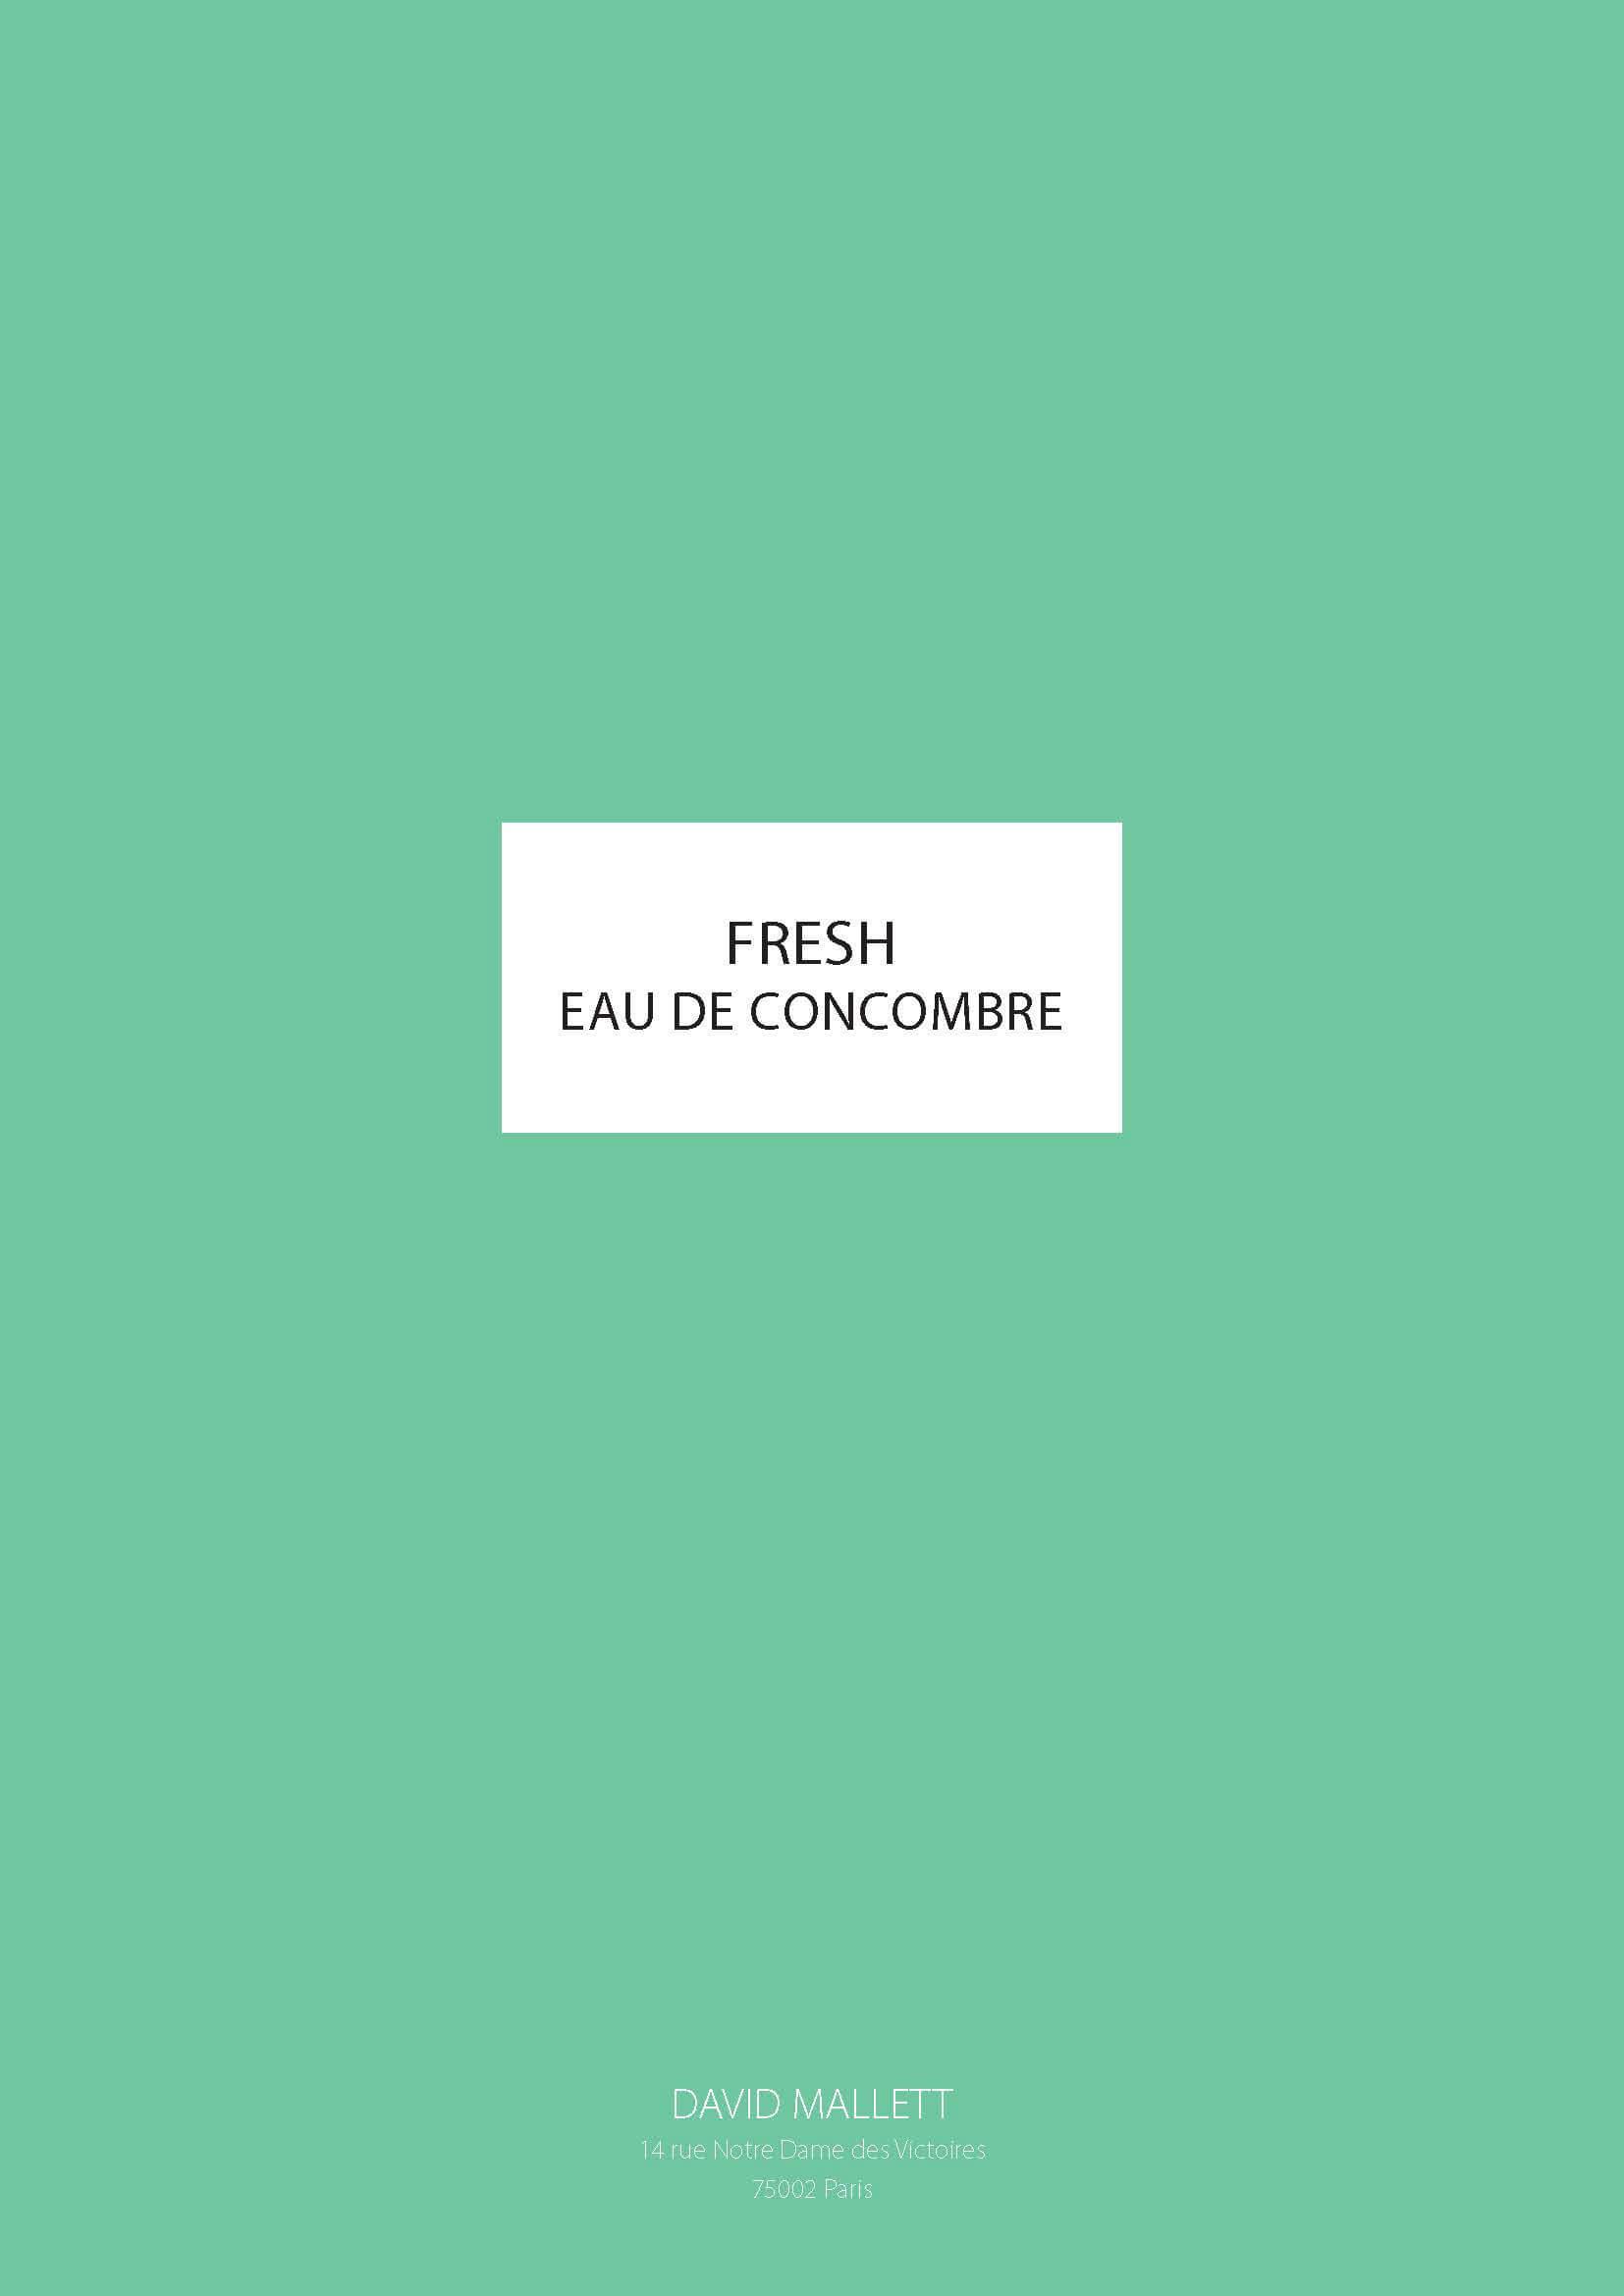 Fresh FR